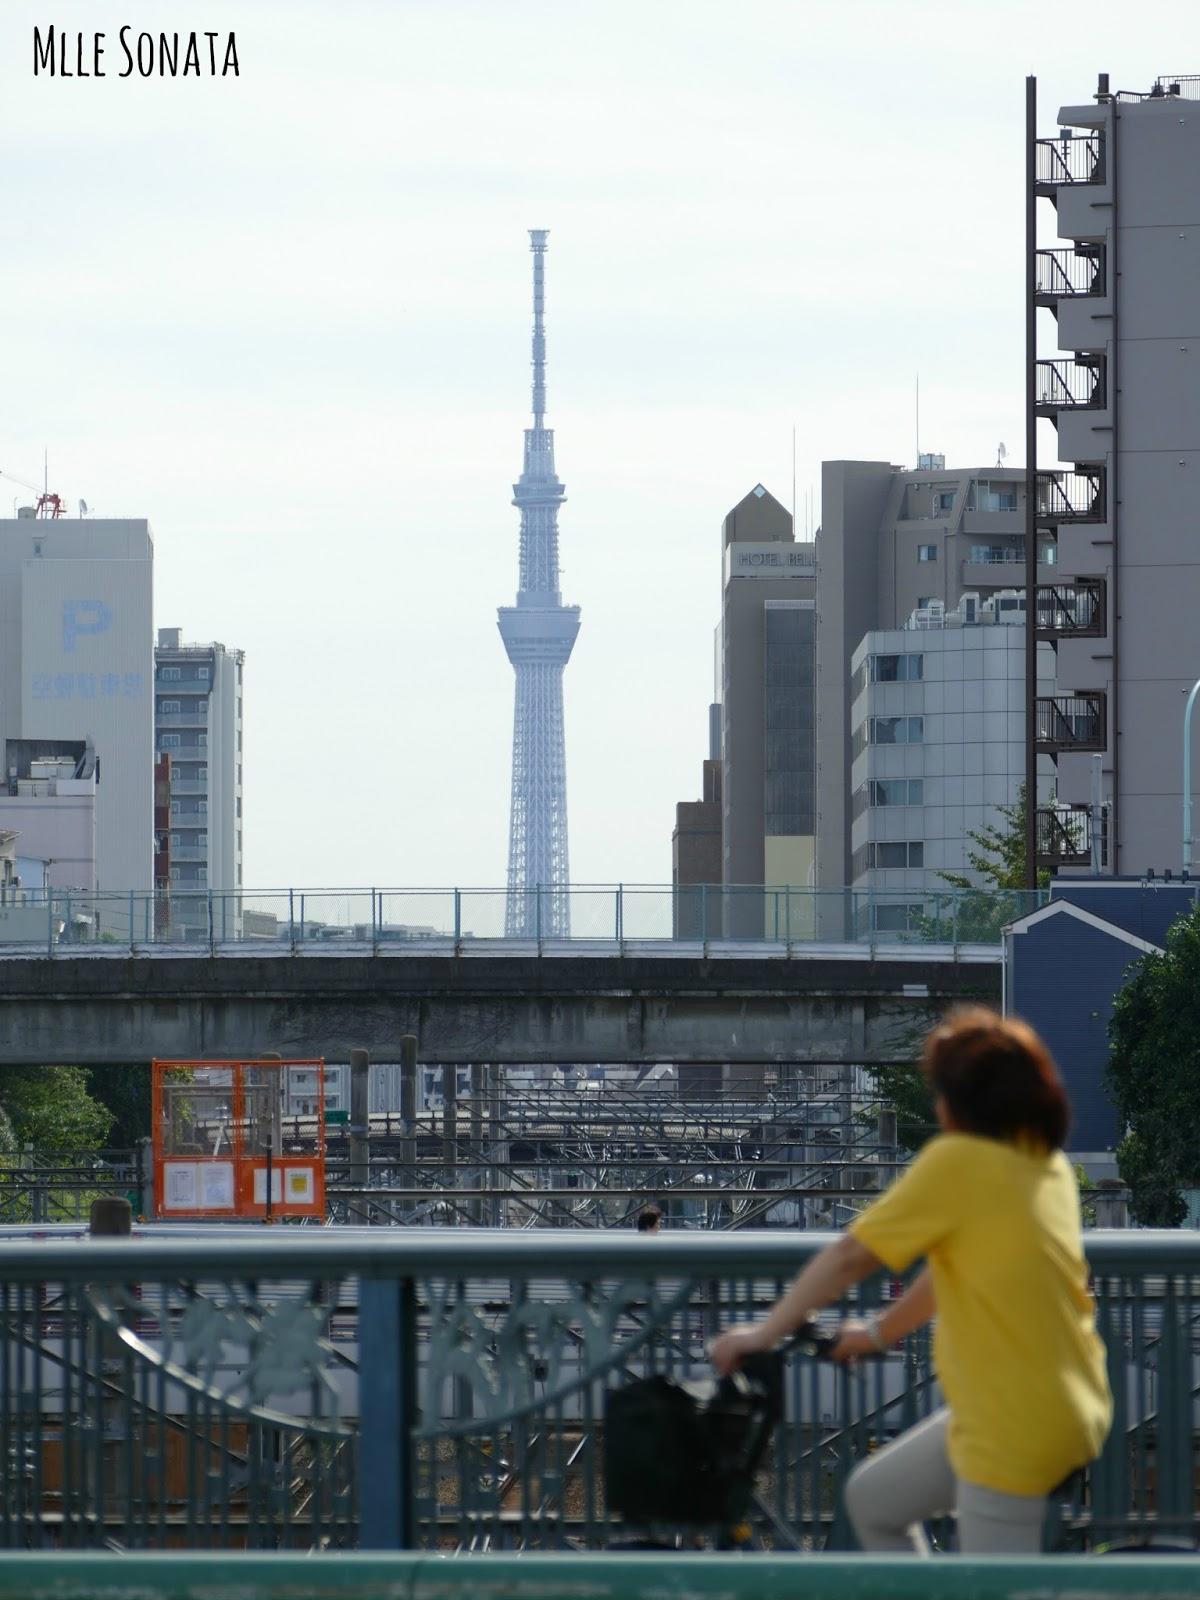 Quartier de Ikebukuro avec au loin la Tokyo Skytree. C'est marrant de l'apercevoir d'ici car si on regarde la carte, elle se trouve assez loin du quartier de Ikebukuro.